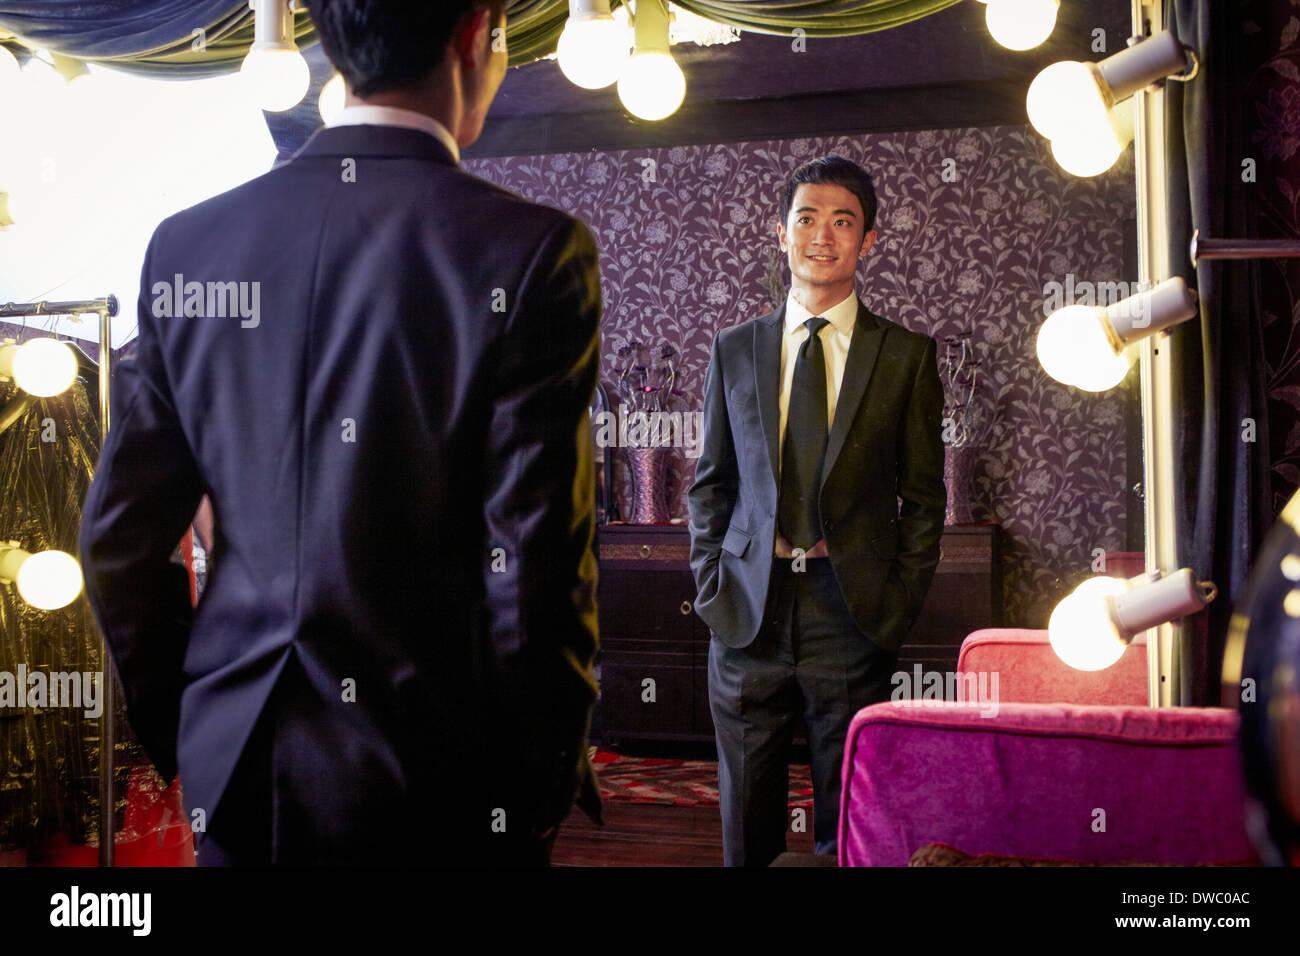 Jeune homme essayant sur client nouveau costume traditionnel de tailors shop Photo Stock